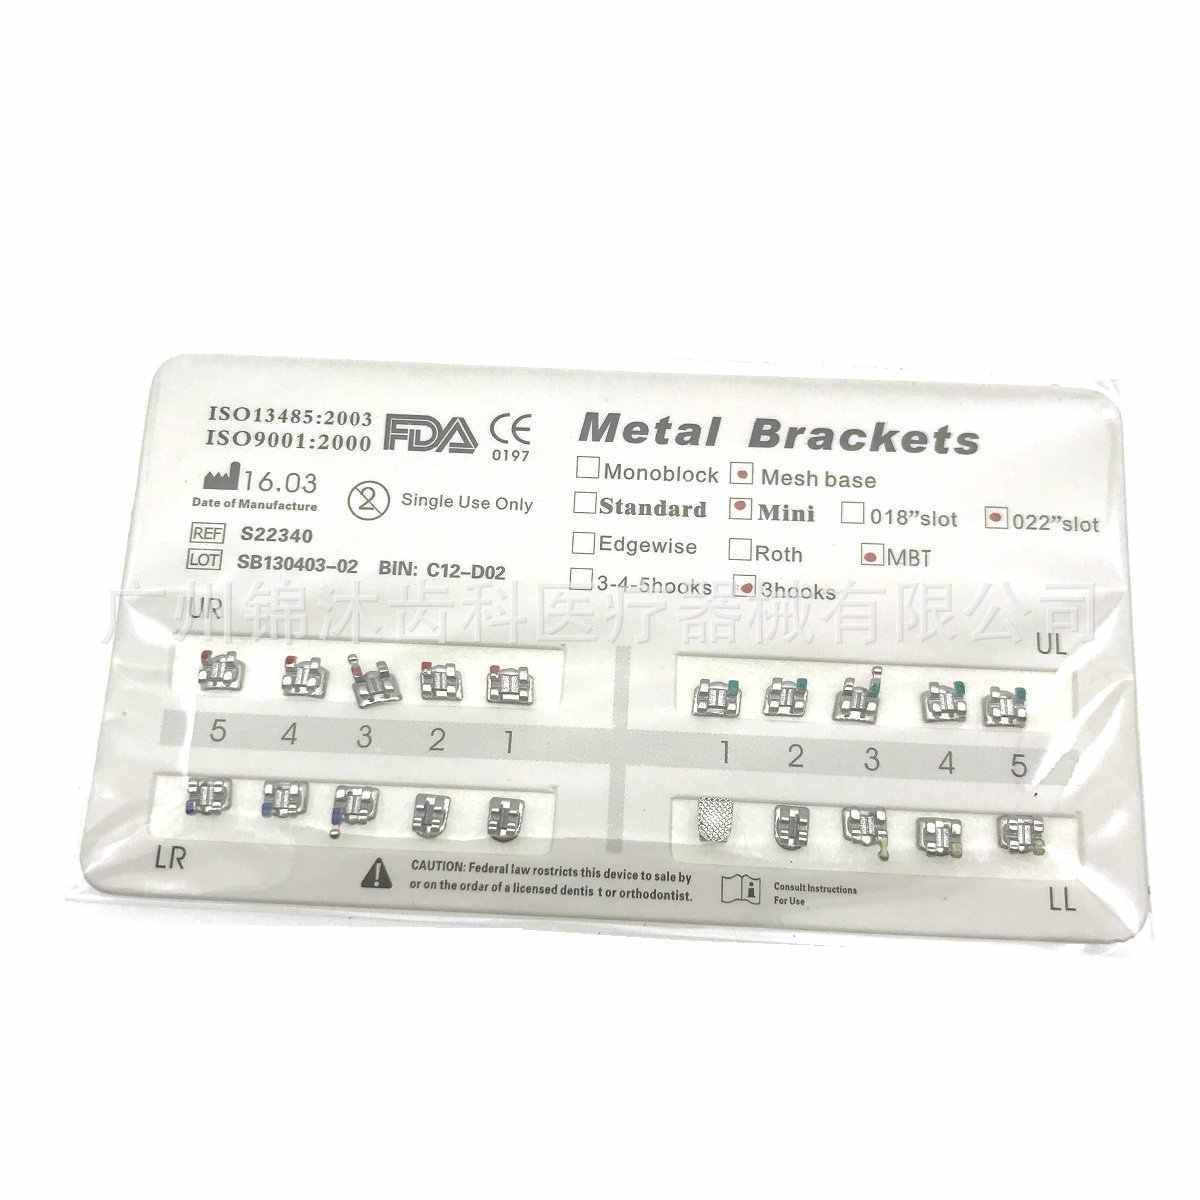 歯科金属ブラケットミニストレートワイヤーブラケット MBT ブラケット歯科ブラケット卸売